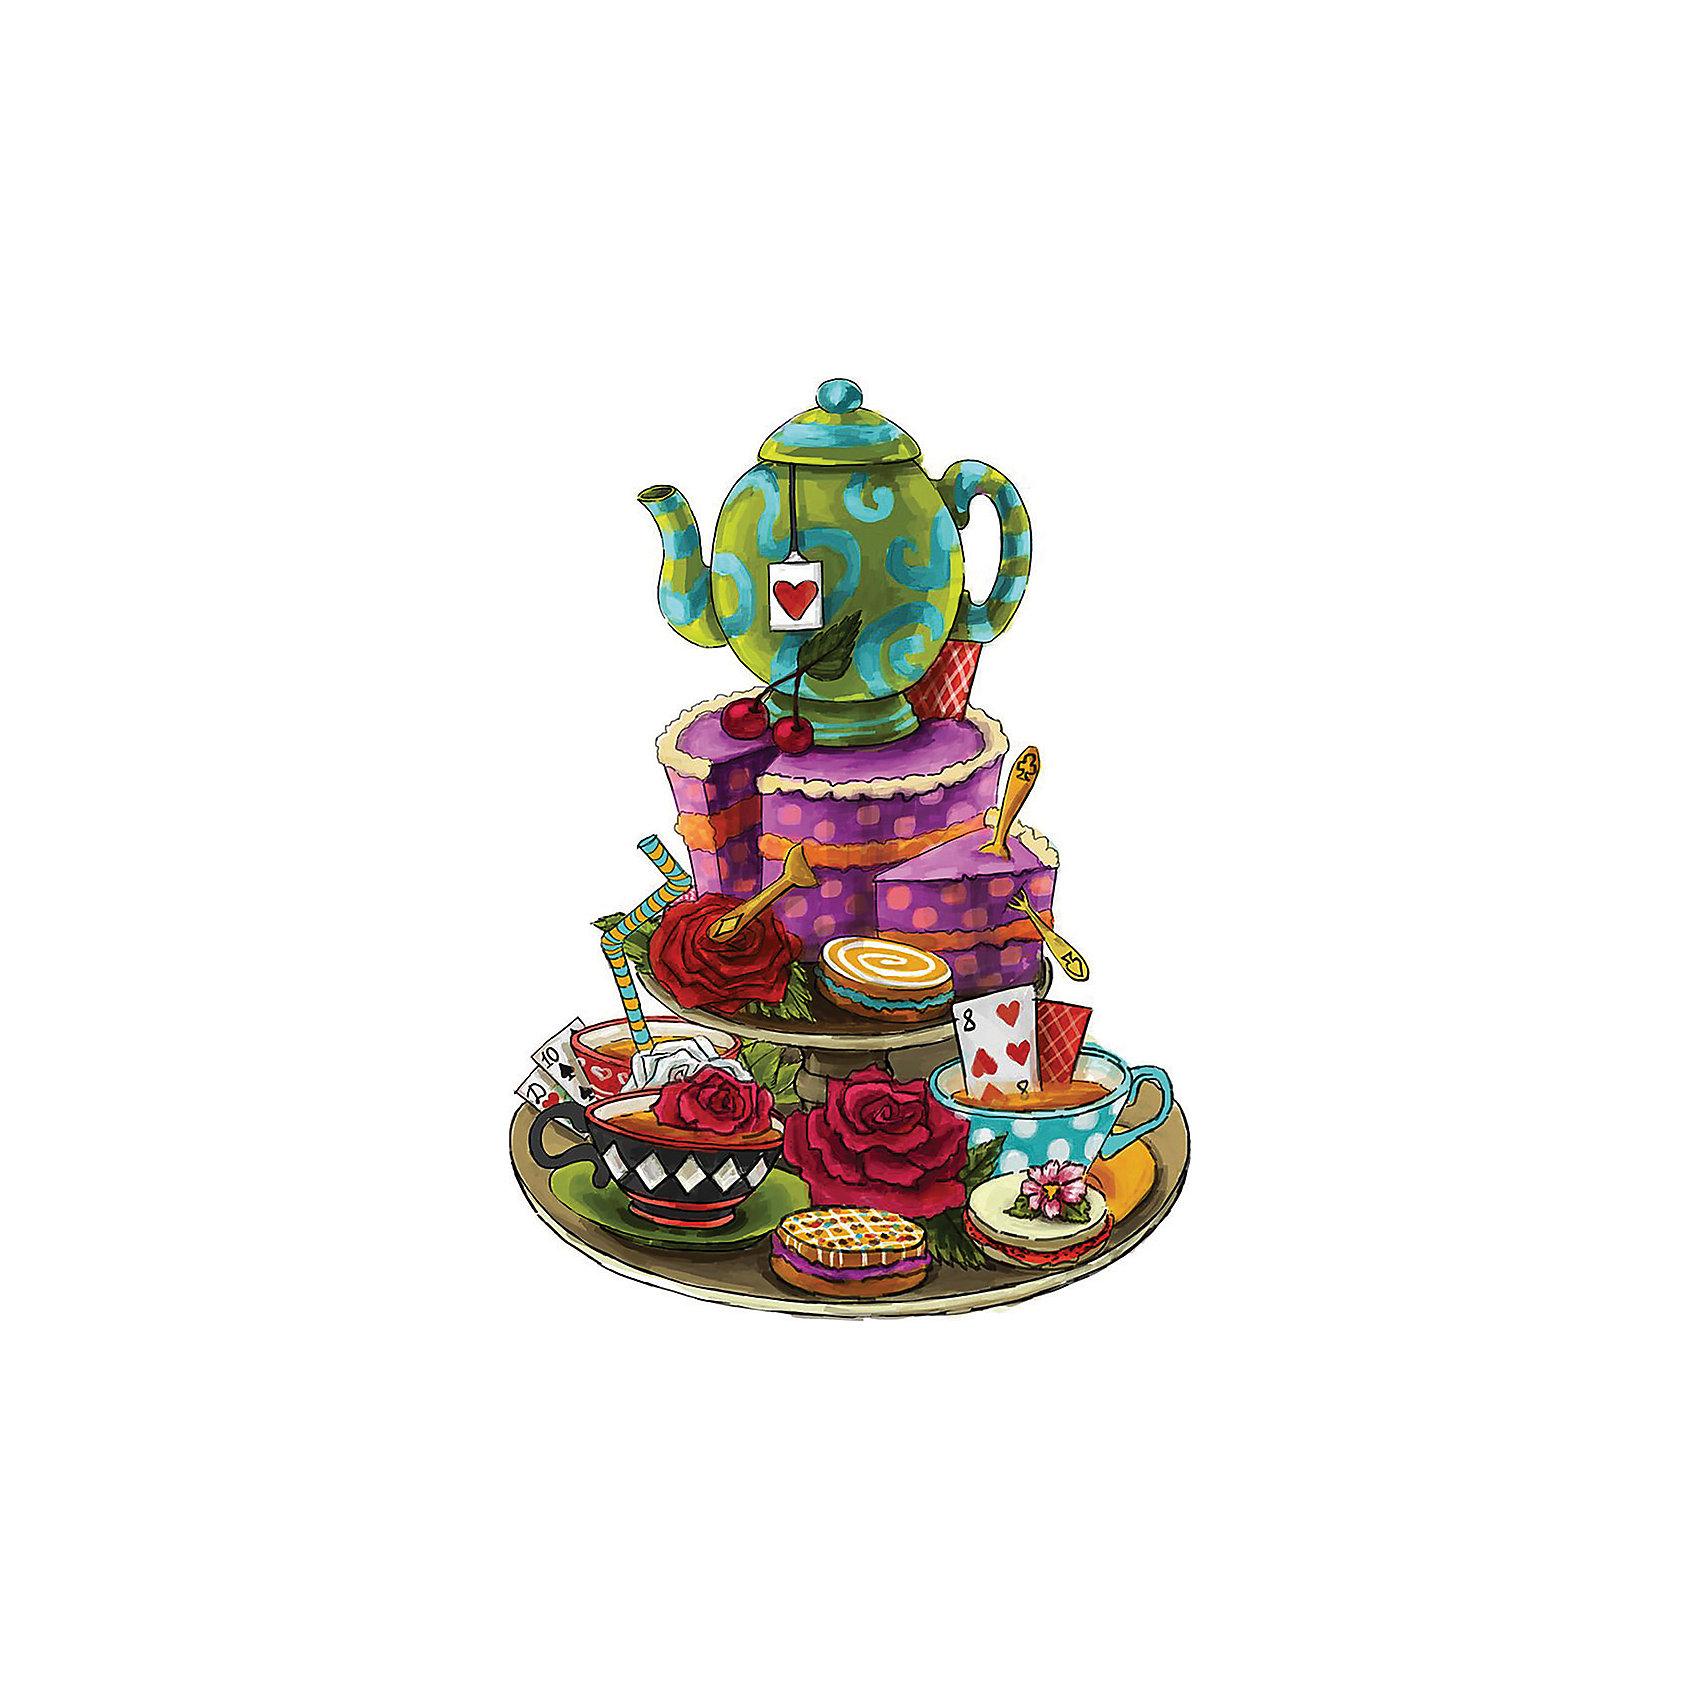 Новогоднее украшение Чаепитие у ШляпникаНовогоднее подвесное украшение, Феникс-Презент, добавит праздничности в Ваш интерьер и поднимет настроение. Оригинальное украшение выполнено в виде красочной композиции из тарелочек с аппетитными пирожными, тортиком и чайника, оно будет чудесно смотреться на елке и радовать детей и взрослых. <br><br>Дополнительная информация:<br><br>- Материал: полирезина.<br>- Размер украшения: 7,3 х 7,3 х 7,8 см.<br><br>Новогоднее украшение, Феникс-Презент, можно купить в нашем интернет-магазине.<br><br>Ширина мм: 80<br>Глубина мм: 80<br>Высота мм: 80<br>Вес г: 100<br>Возраст от месяцев: 36<br>Возраст до месяцев: 2147483647<br>Пол: Унисекс<br>Возраст: Детский<br>SKU: 4276520